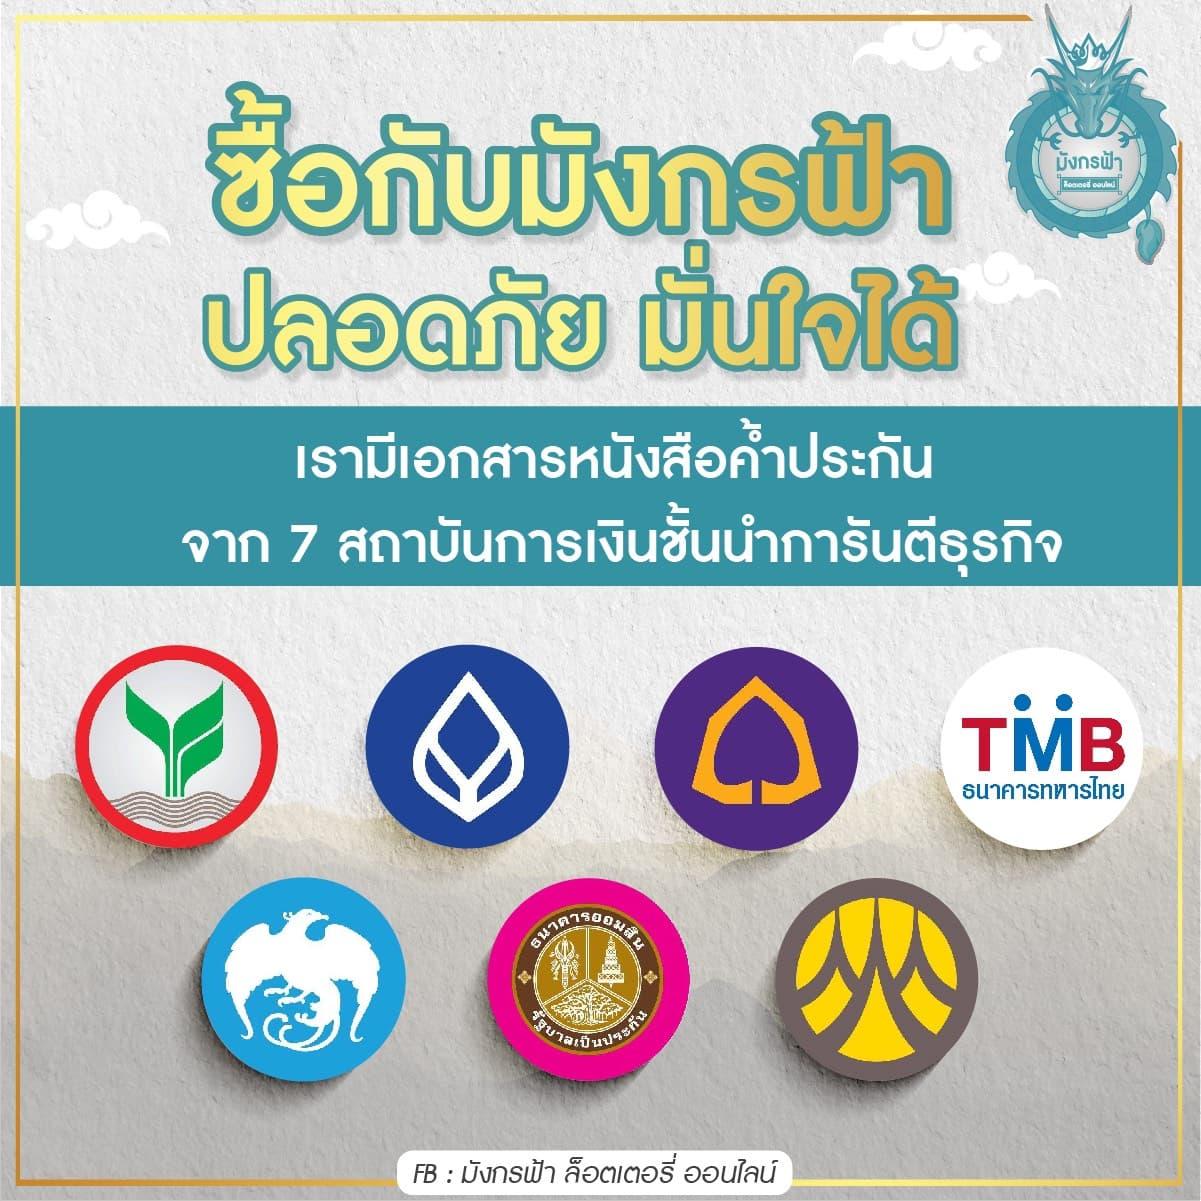 ตอนนี้บริษัทมังกรฟ้า ได้ทำเอกสารแบงค์การันตี กับ 7 ธนาคารชั้นนำของประเทศไทยมีธนาคารอะไรบ้าง